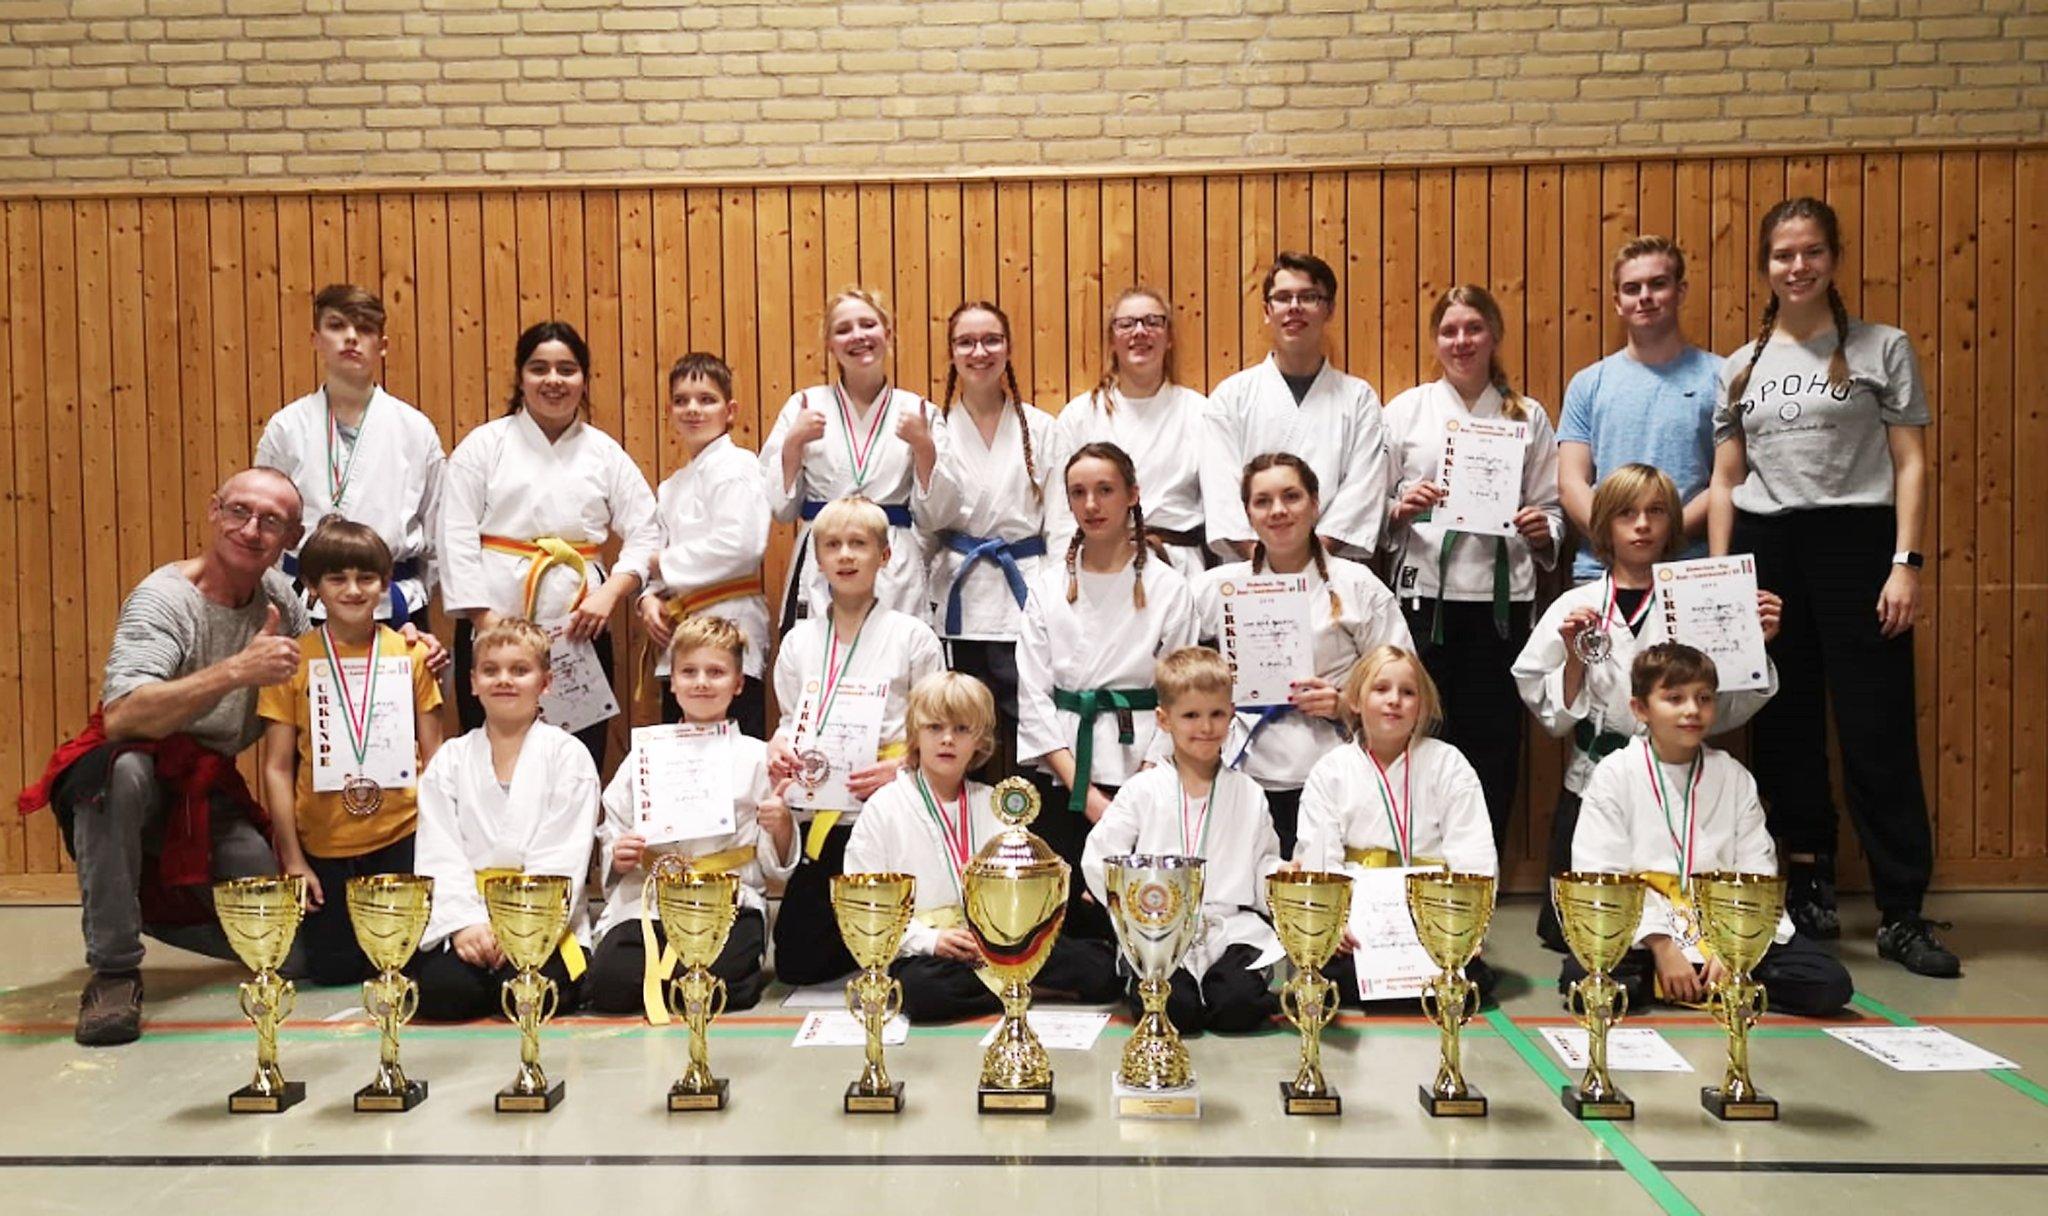 Dritter großer Erfolg des Weseler Vereins: Wushu Wesel gewinnt Niederrhein-Cup in Moers - Wesel - Lokalkompass.de